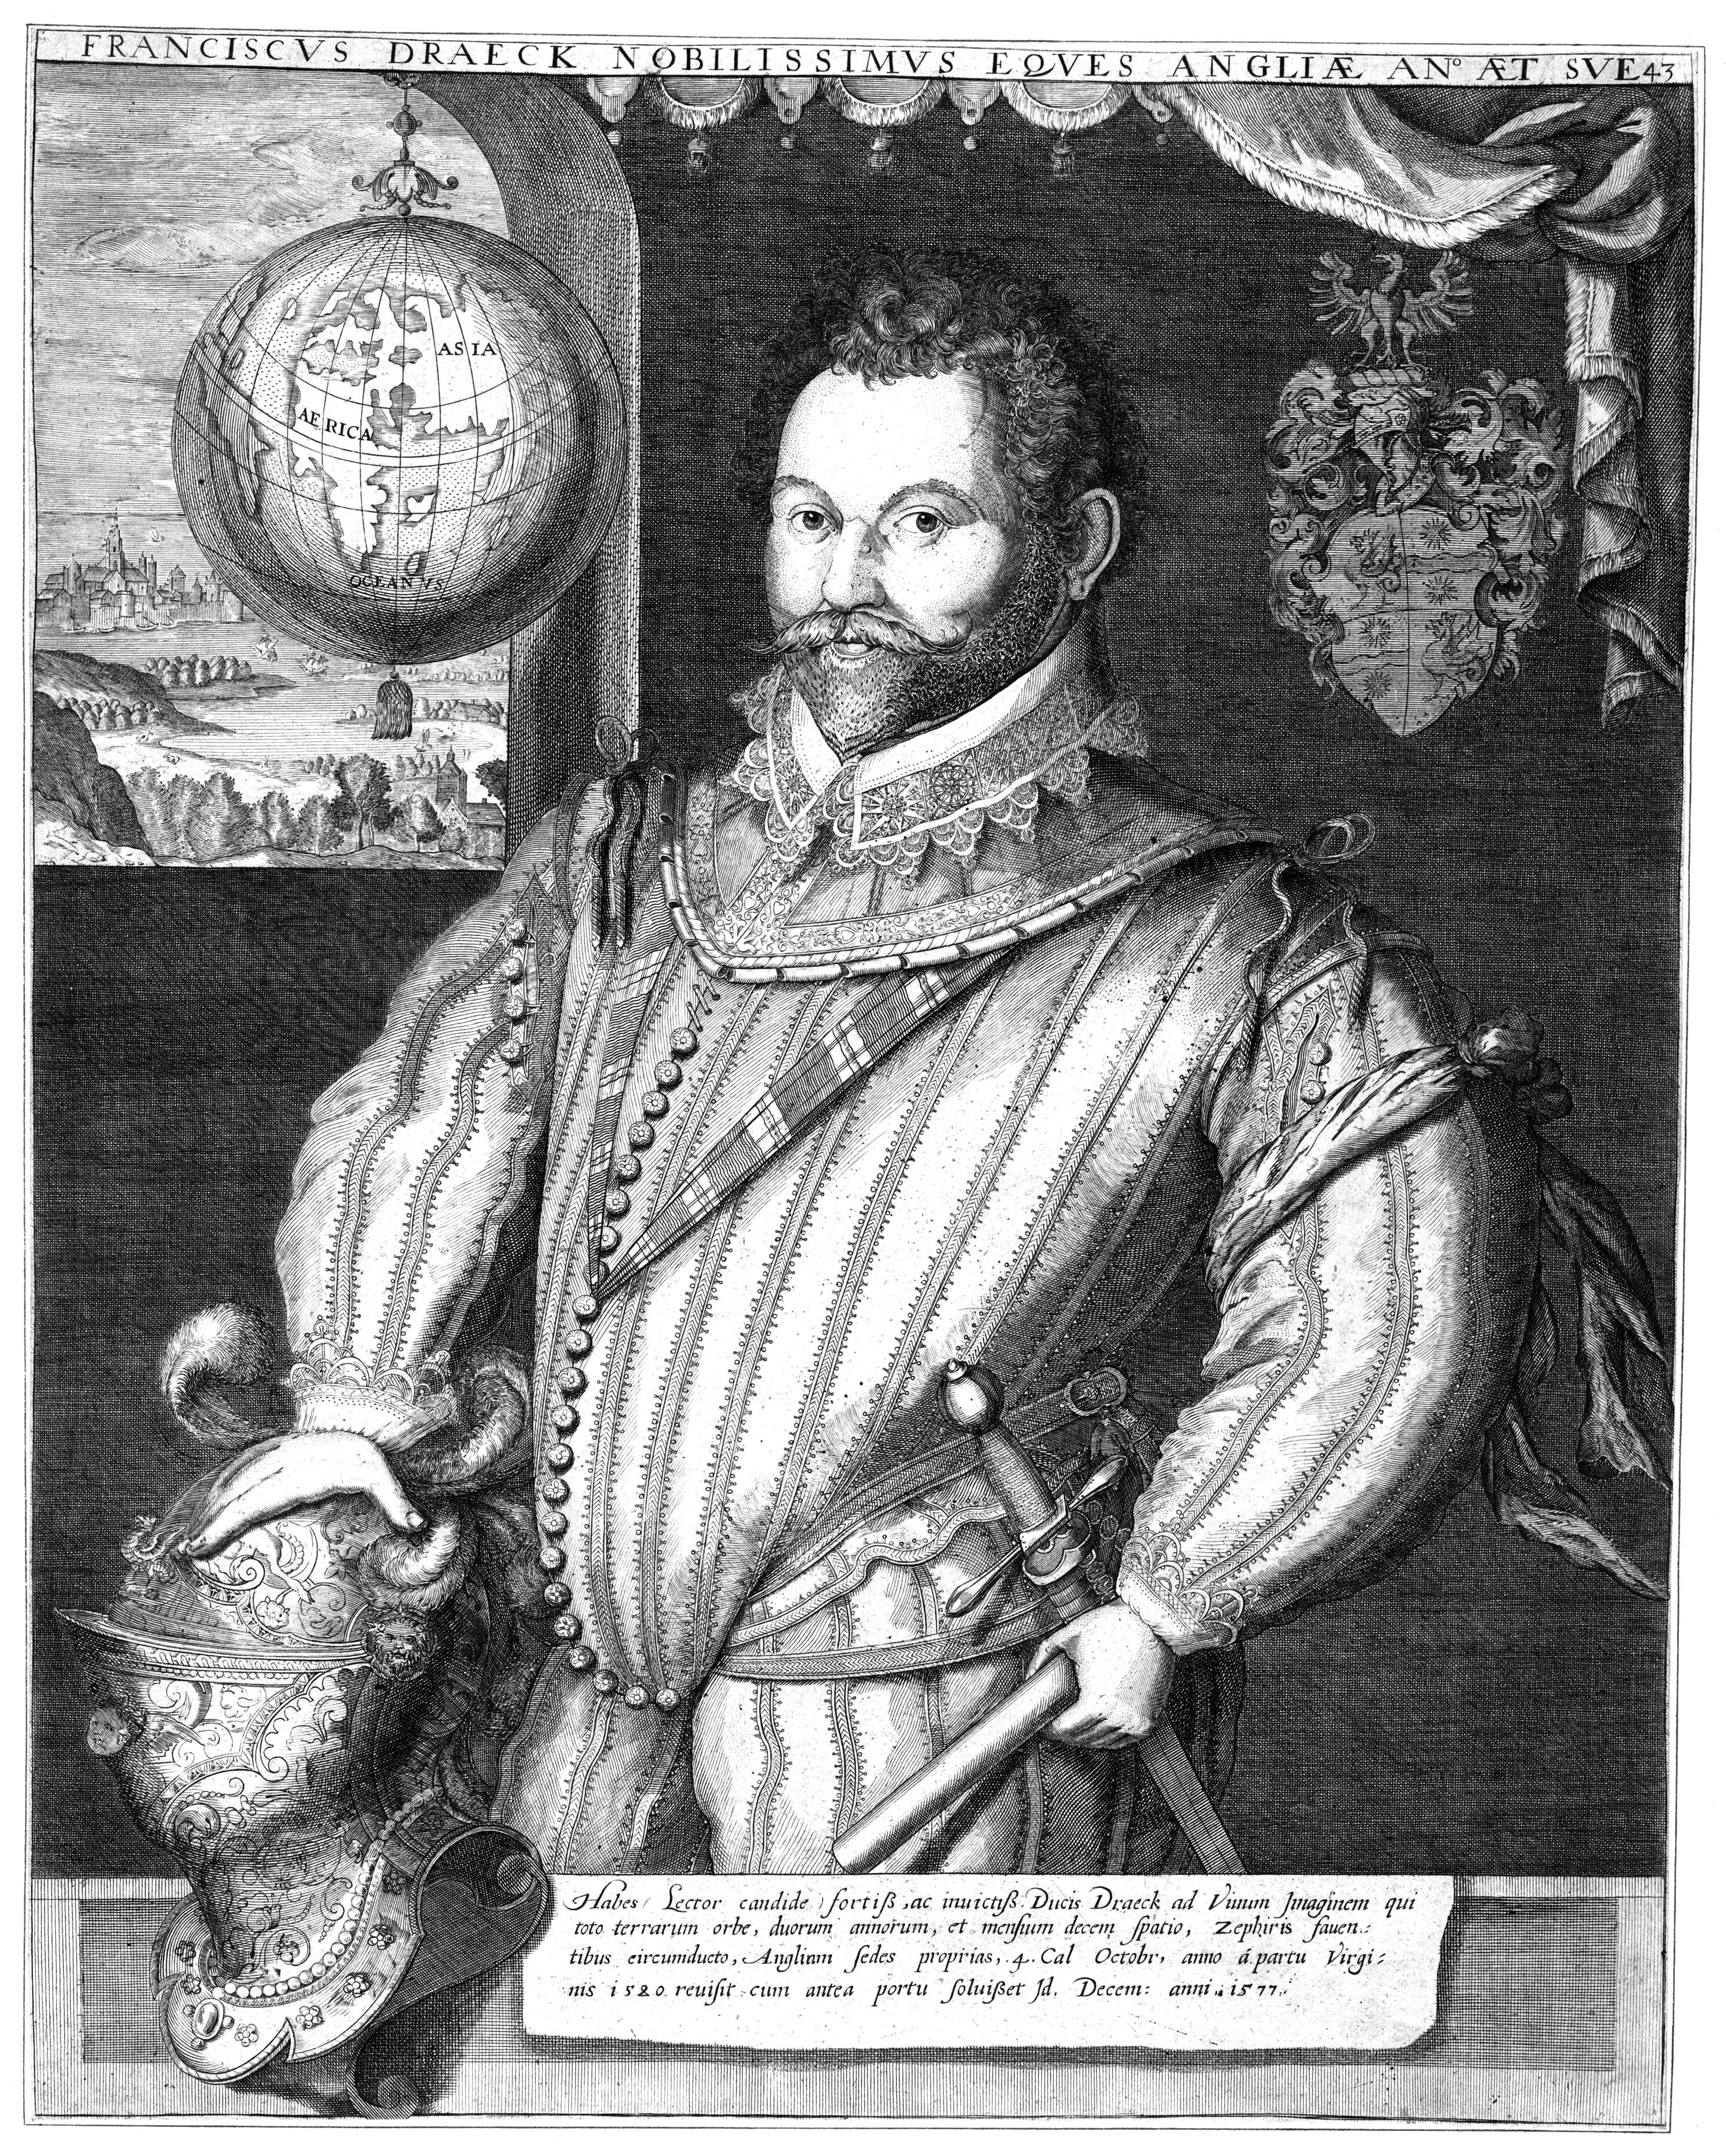 File:Hondius - Francis Drake 1577.jpg